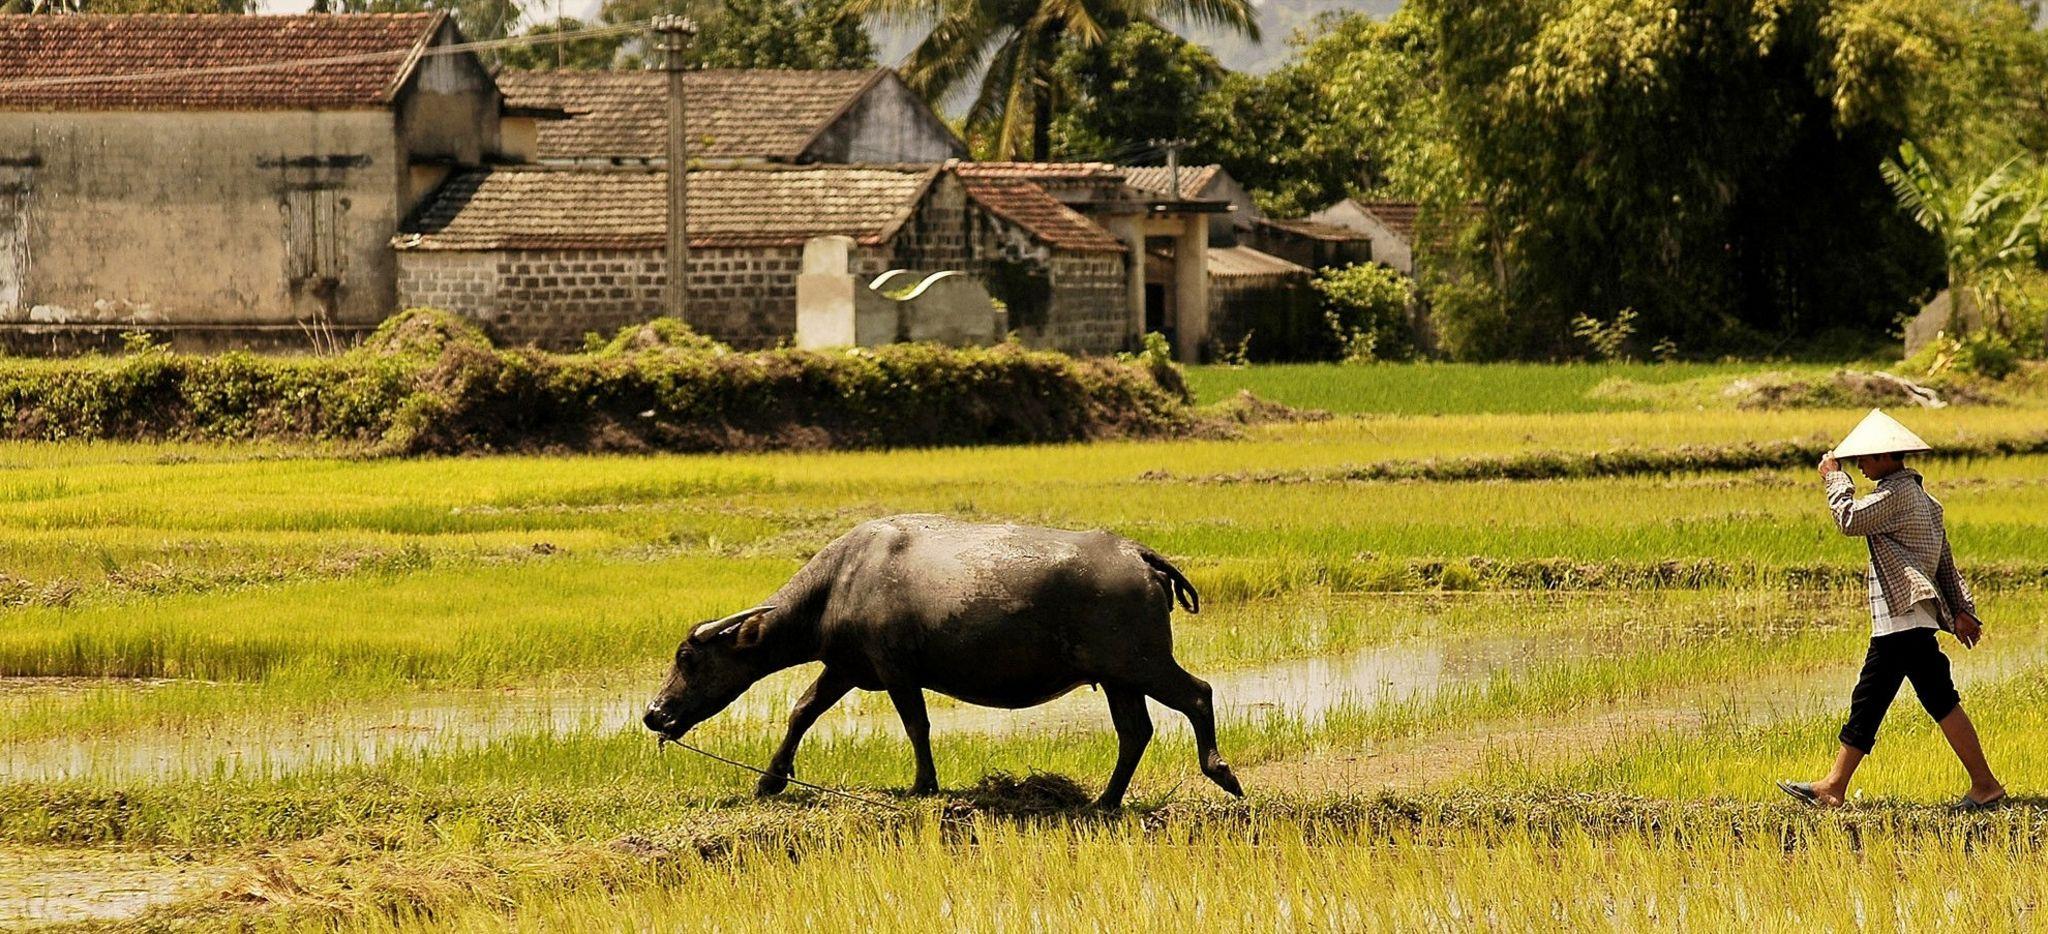 Ein vietnamesischer Bauer führt einen Wasserbüffel durch ein Reisfeld